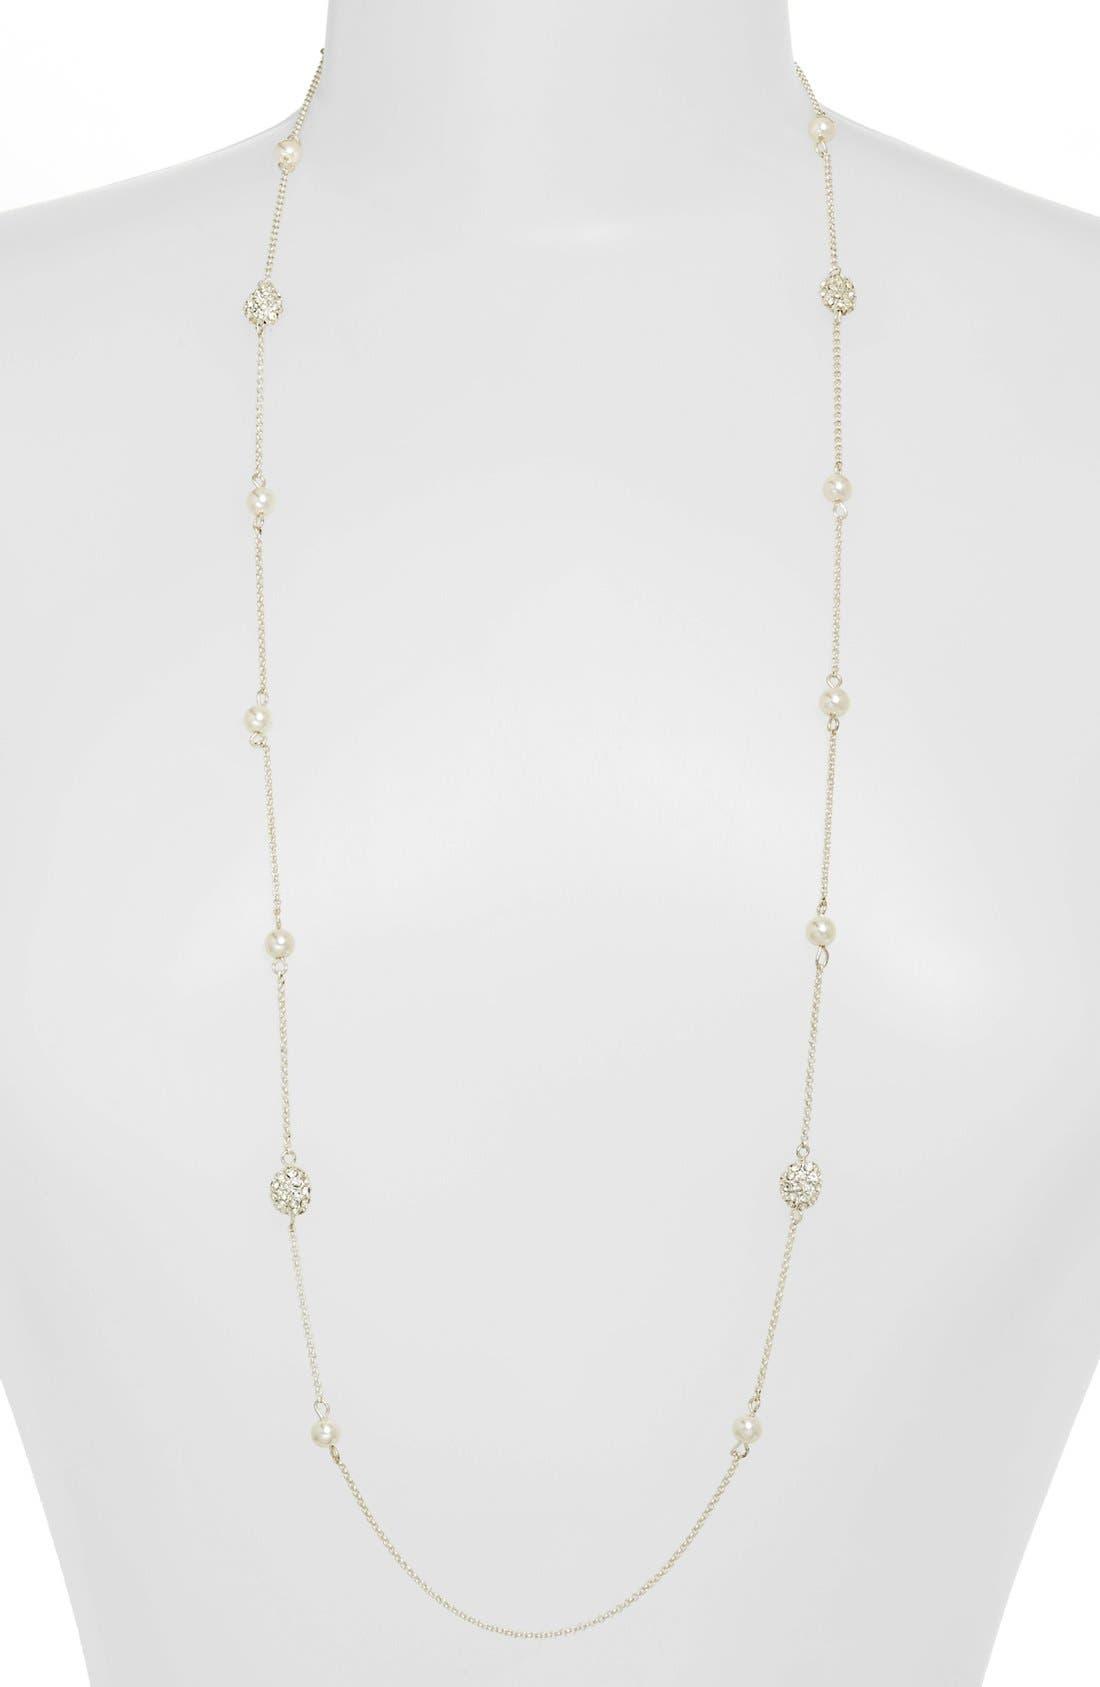 Main Image - Lauren Ralph Lauren Long Glass Pearl & Pavé Bead Illusion Necklace